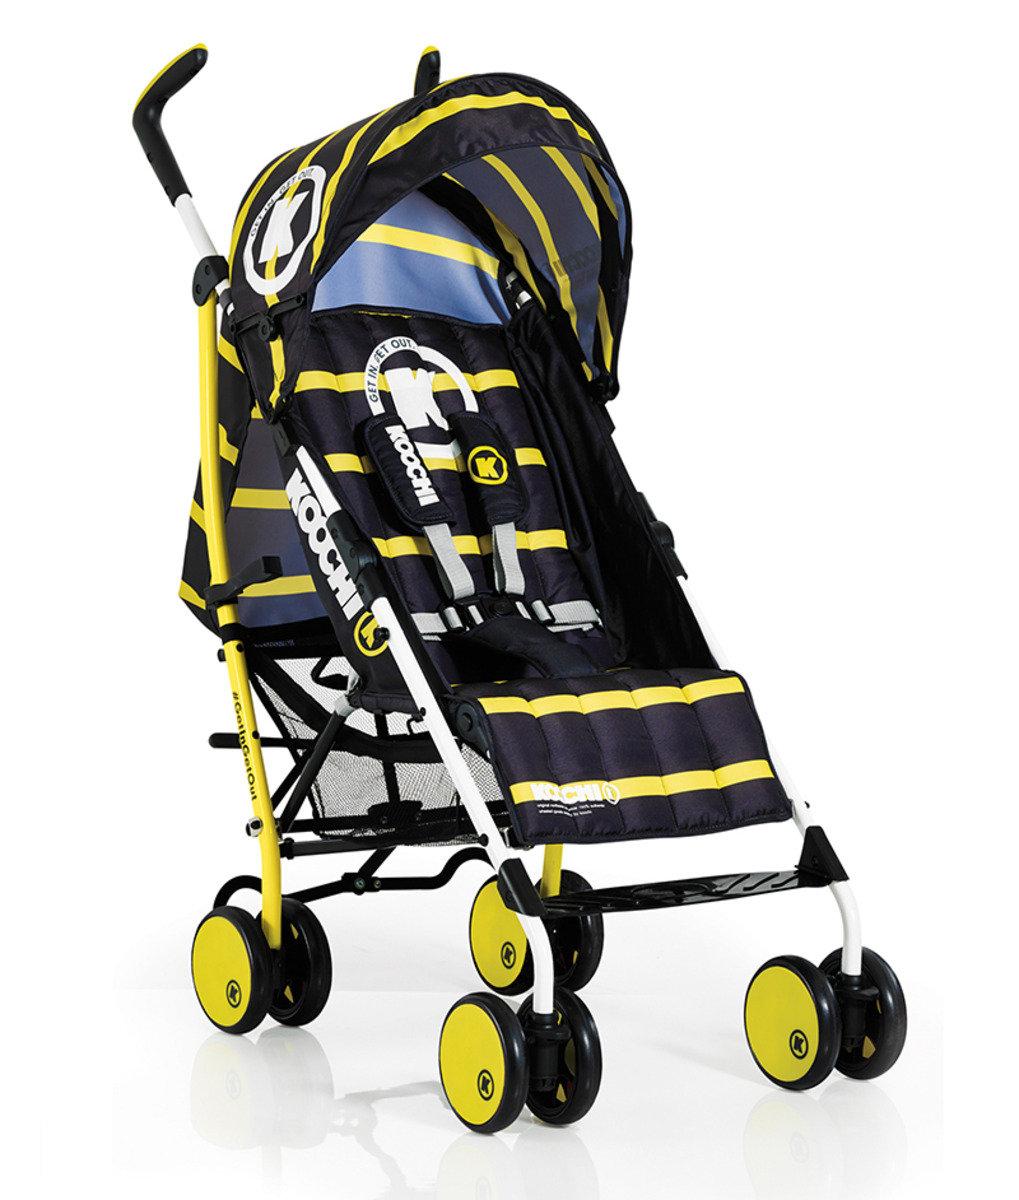 英國 Koochi Sneaker 嬰兒車 – Primary Yellow